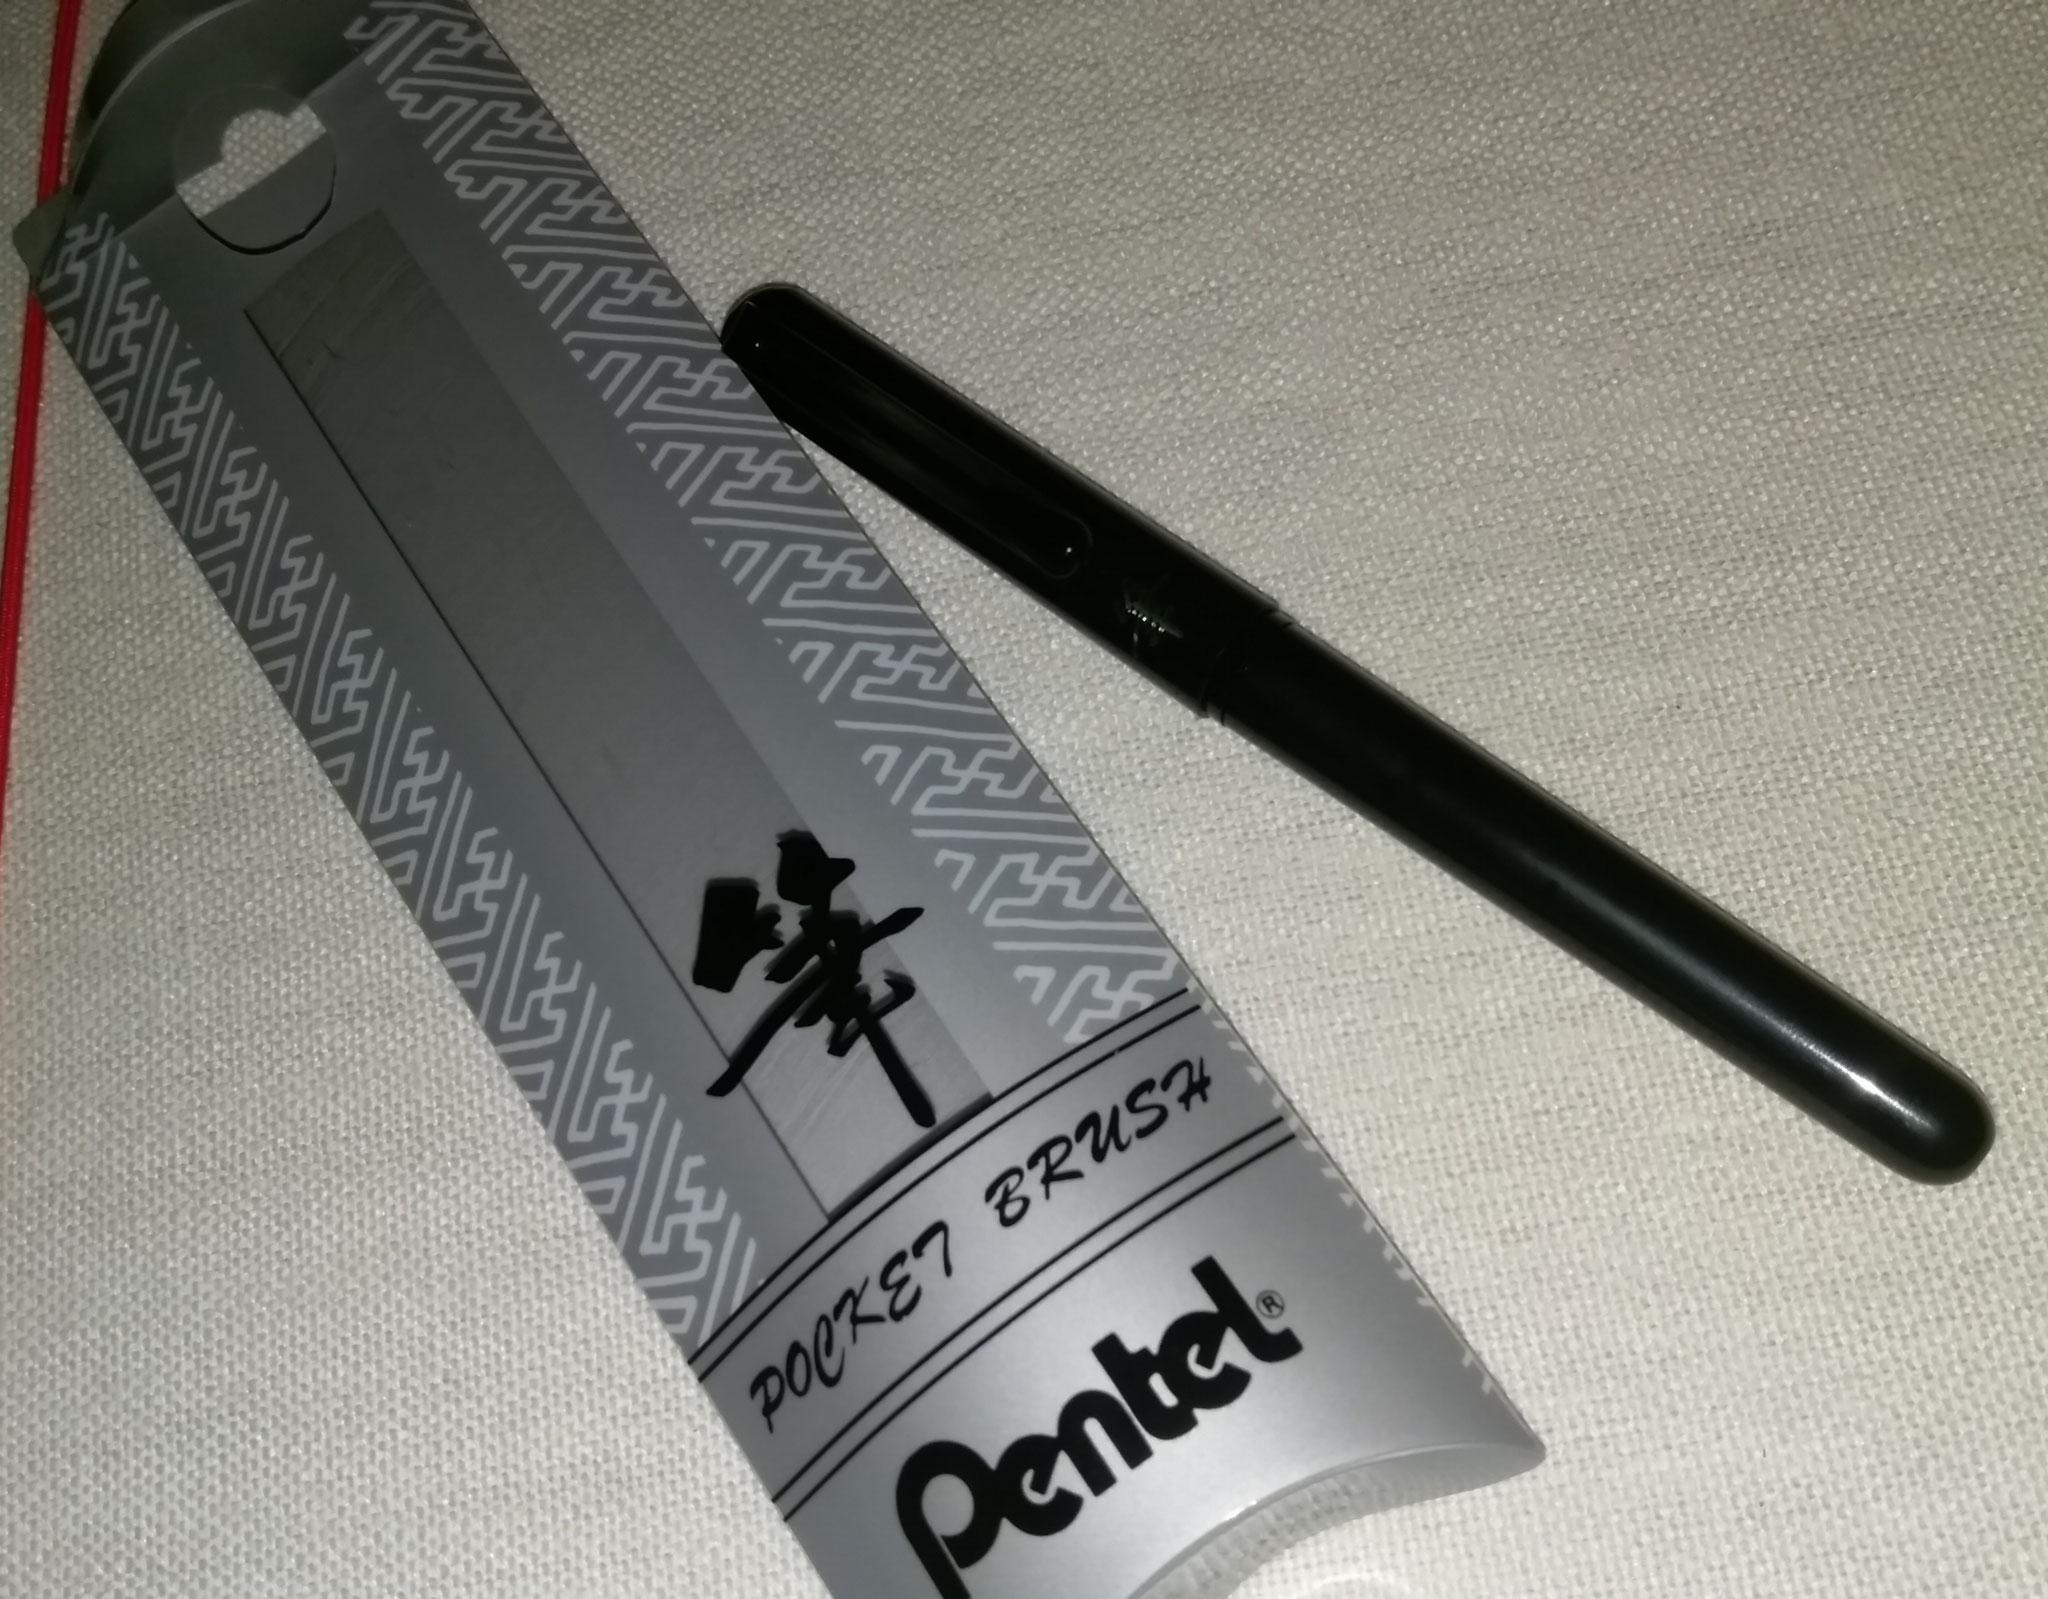 Ein Pentel-Brush Stift...ich bin gespannt wie der ist :)